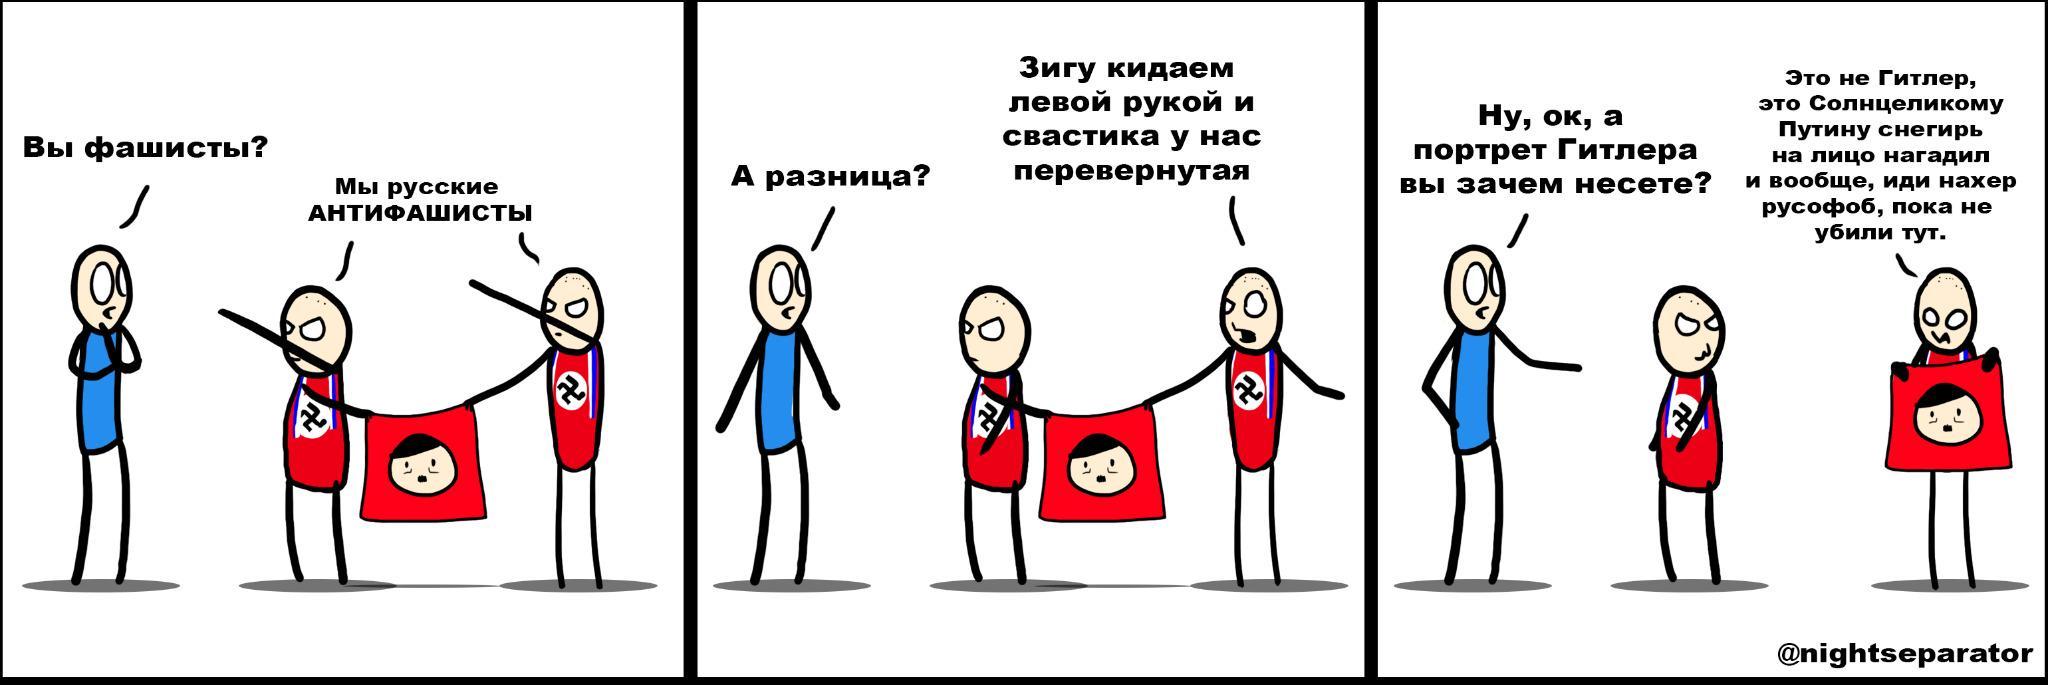 Кабмин приветствует позицию Совбеза ООН в отношении России, - Лубкивский - Цензор.НЕТ 2272